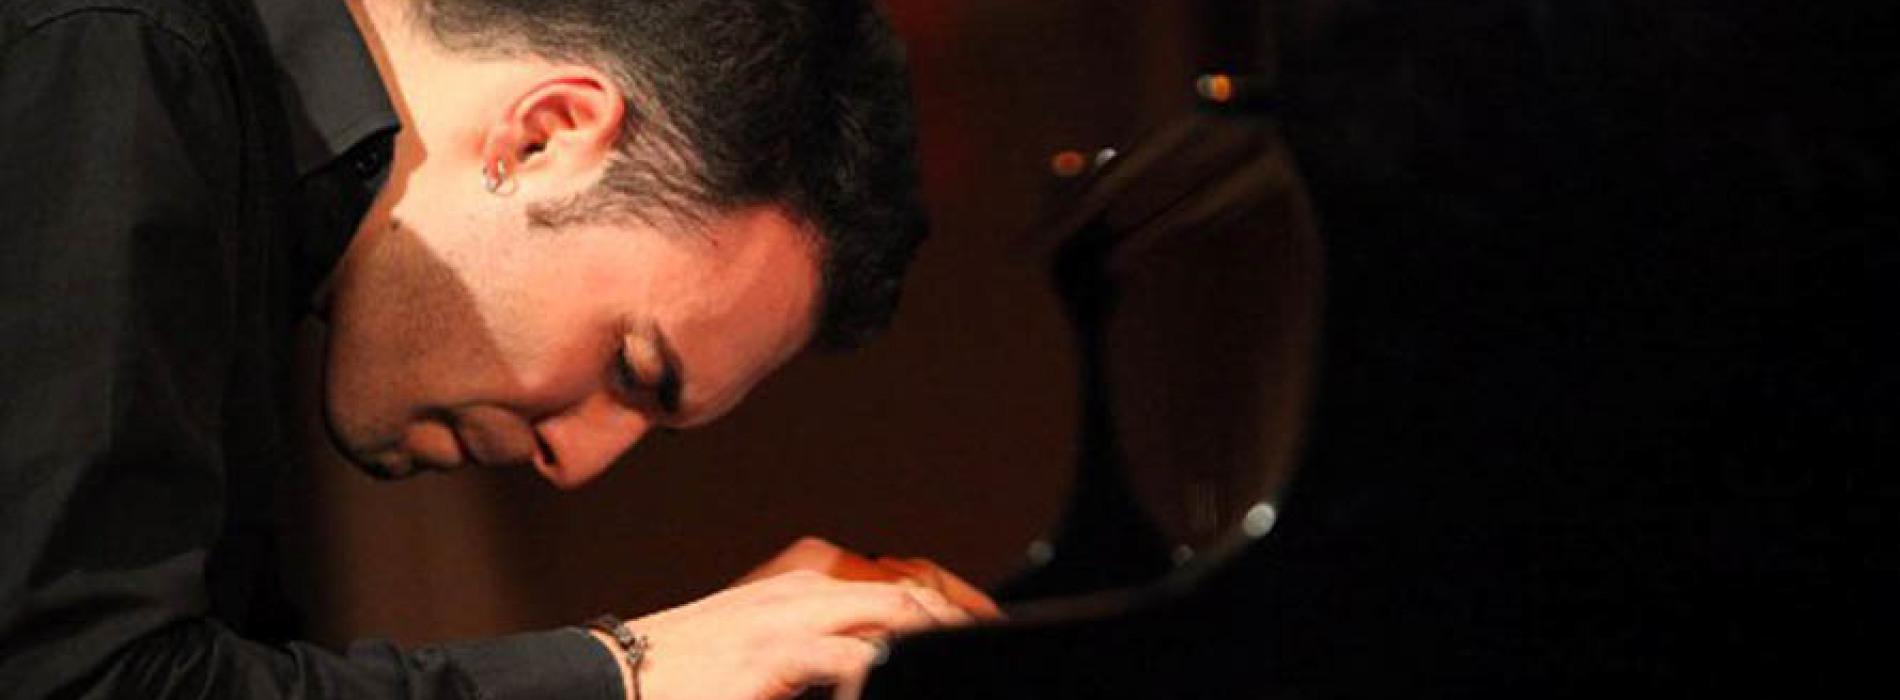 I venerdì in jazz alla Reggia Outlet, suona il Mario Nappi 4et